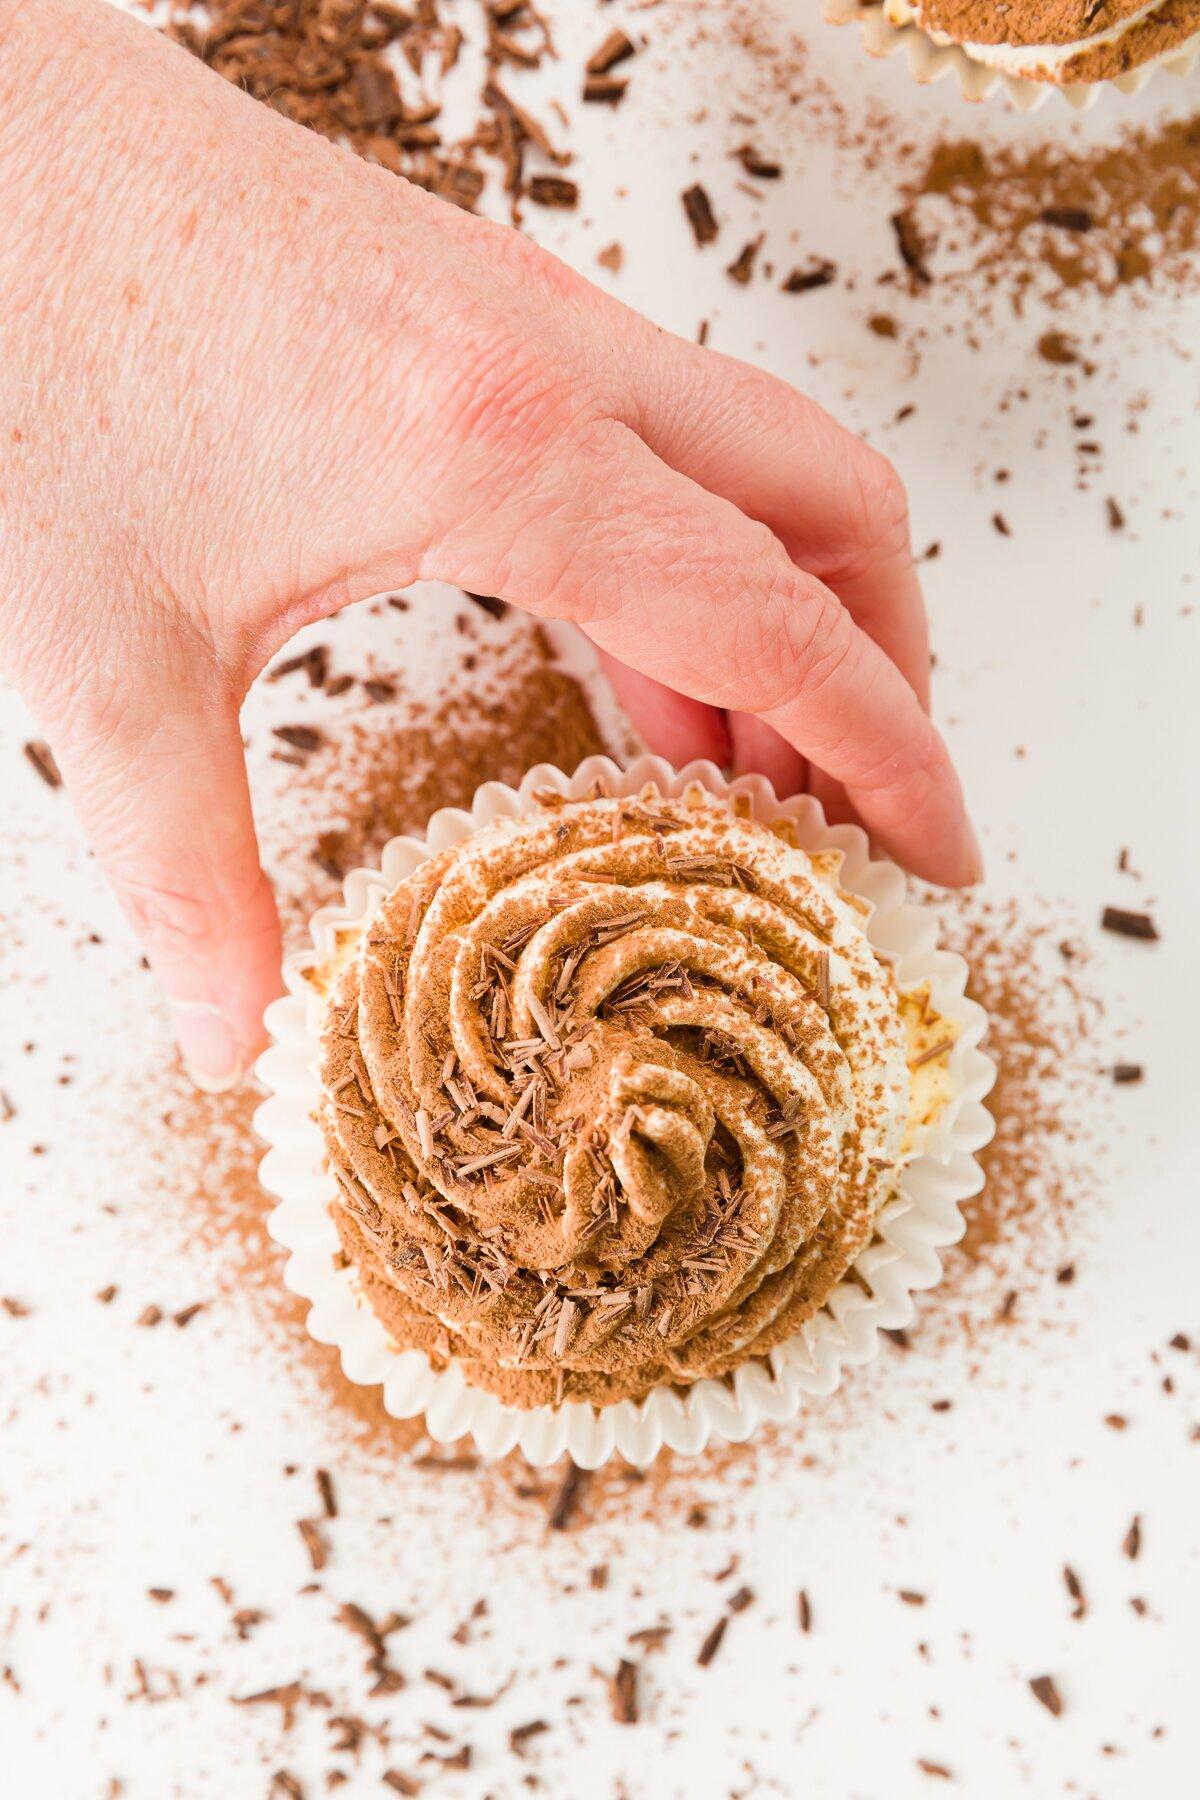 Fotografía cenital de la mano de Stef para alcanzar un cupcake de tiramisú